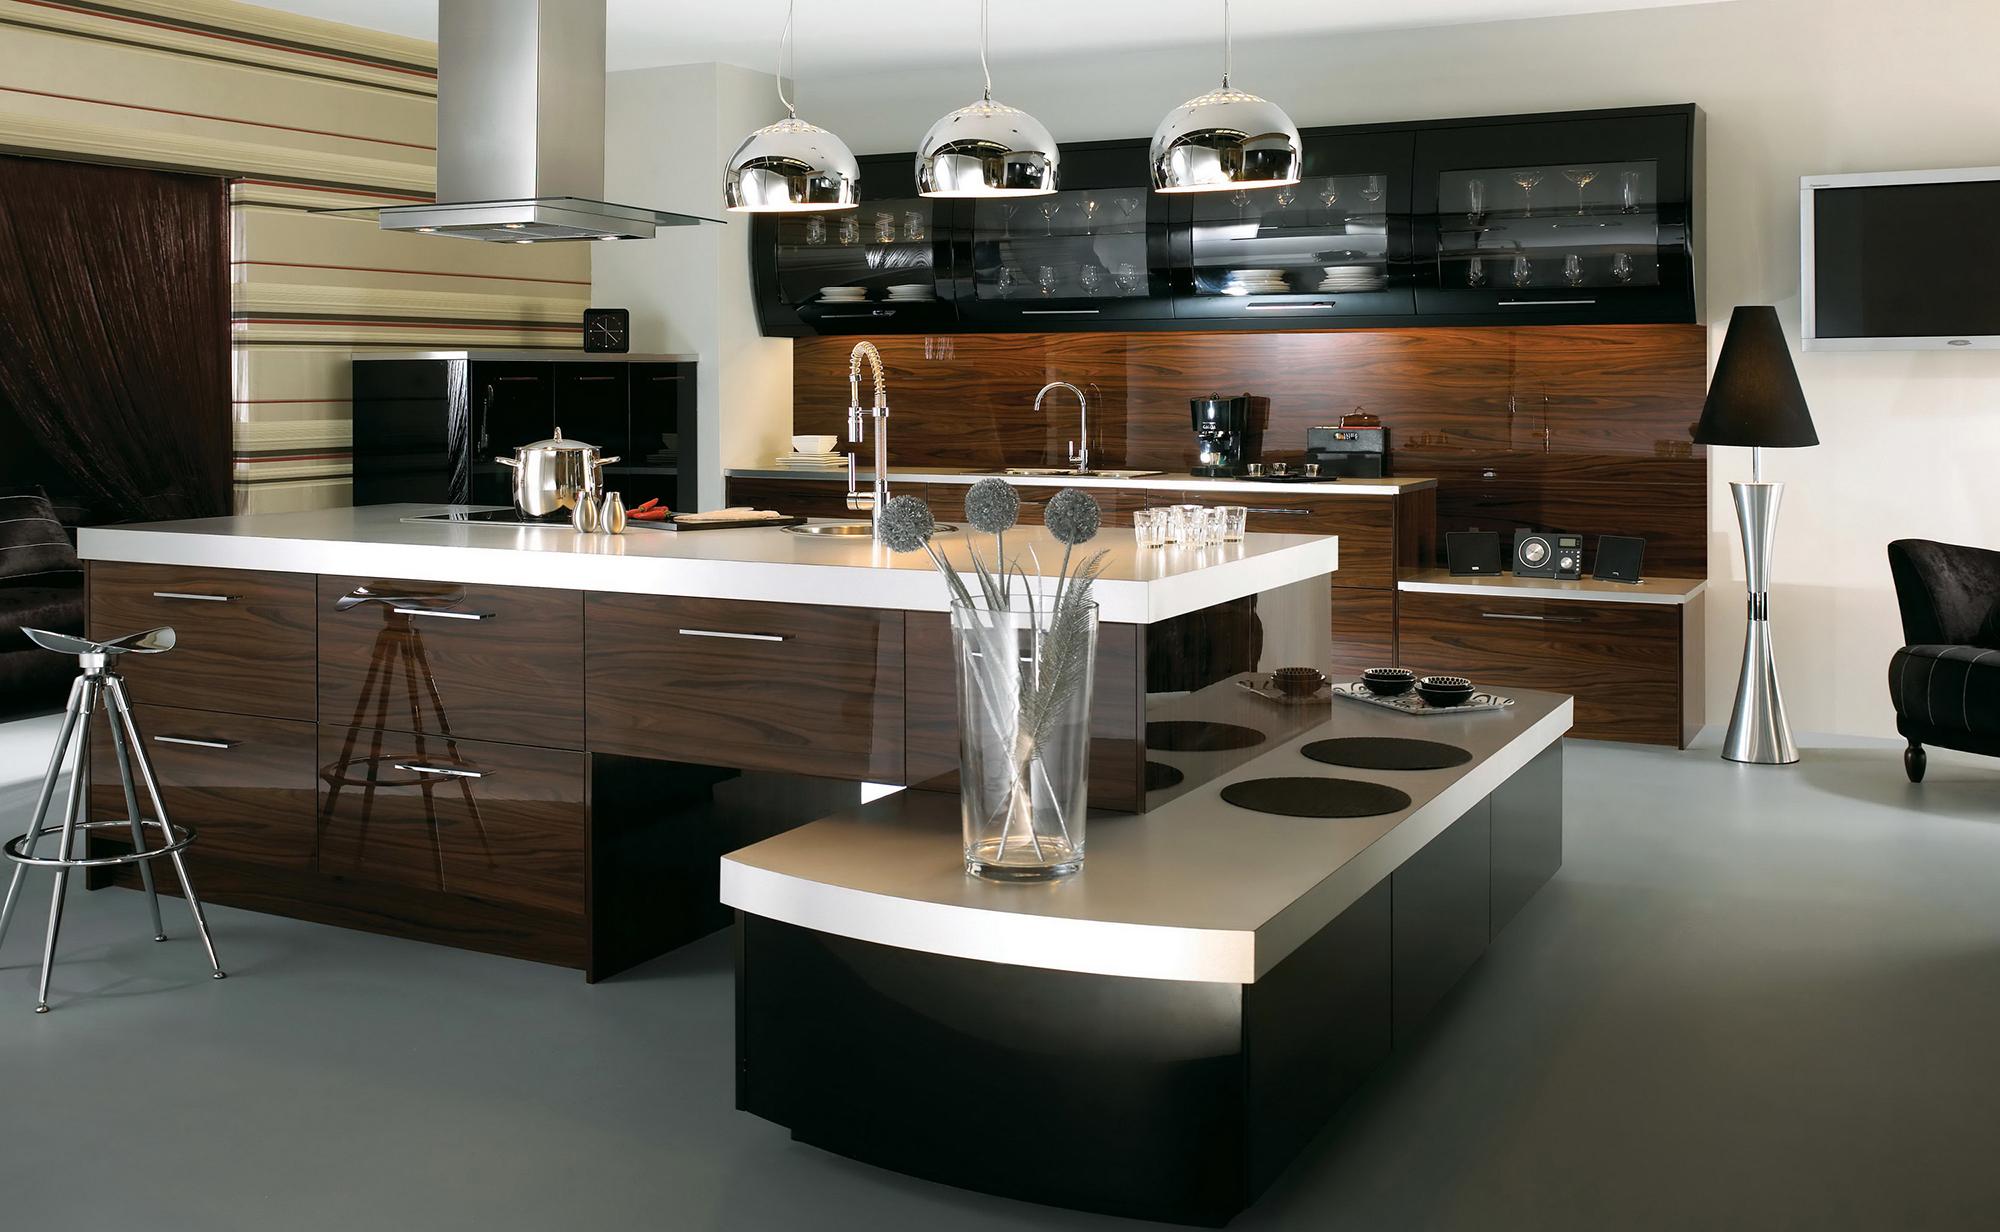 Металлические люстры над островом на кухне